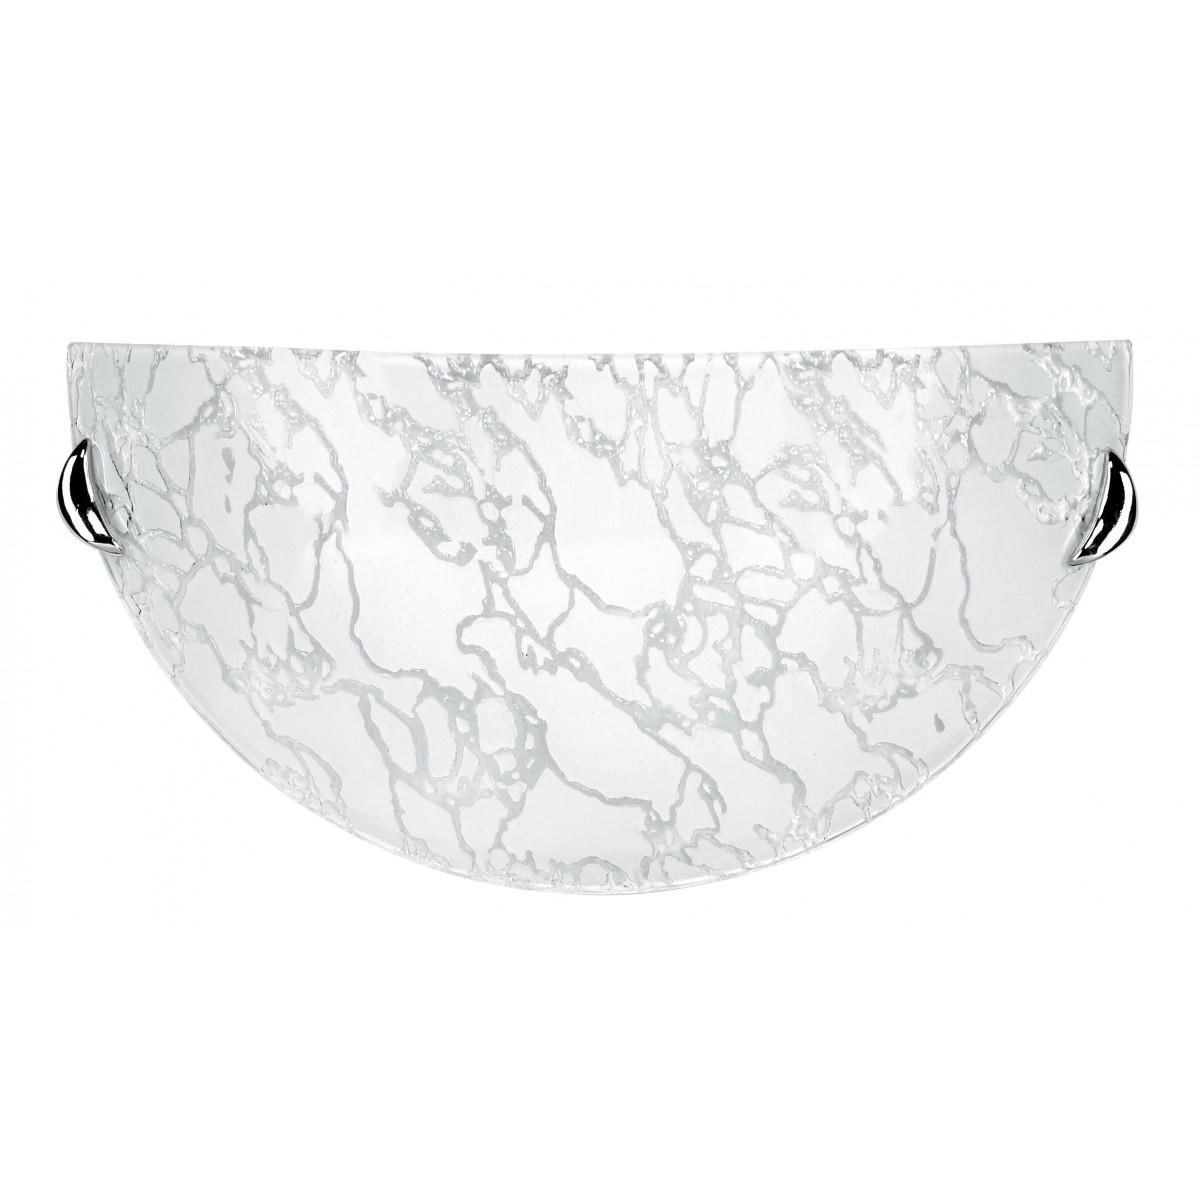 41/00212 - Applique Lunetta decoro Ghiaccio Vetro Lampada da Parete Moderna E27